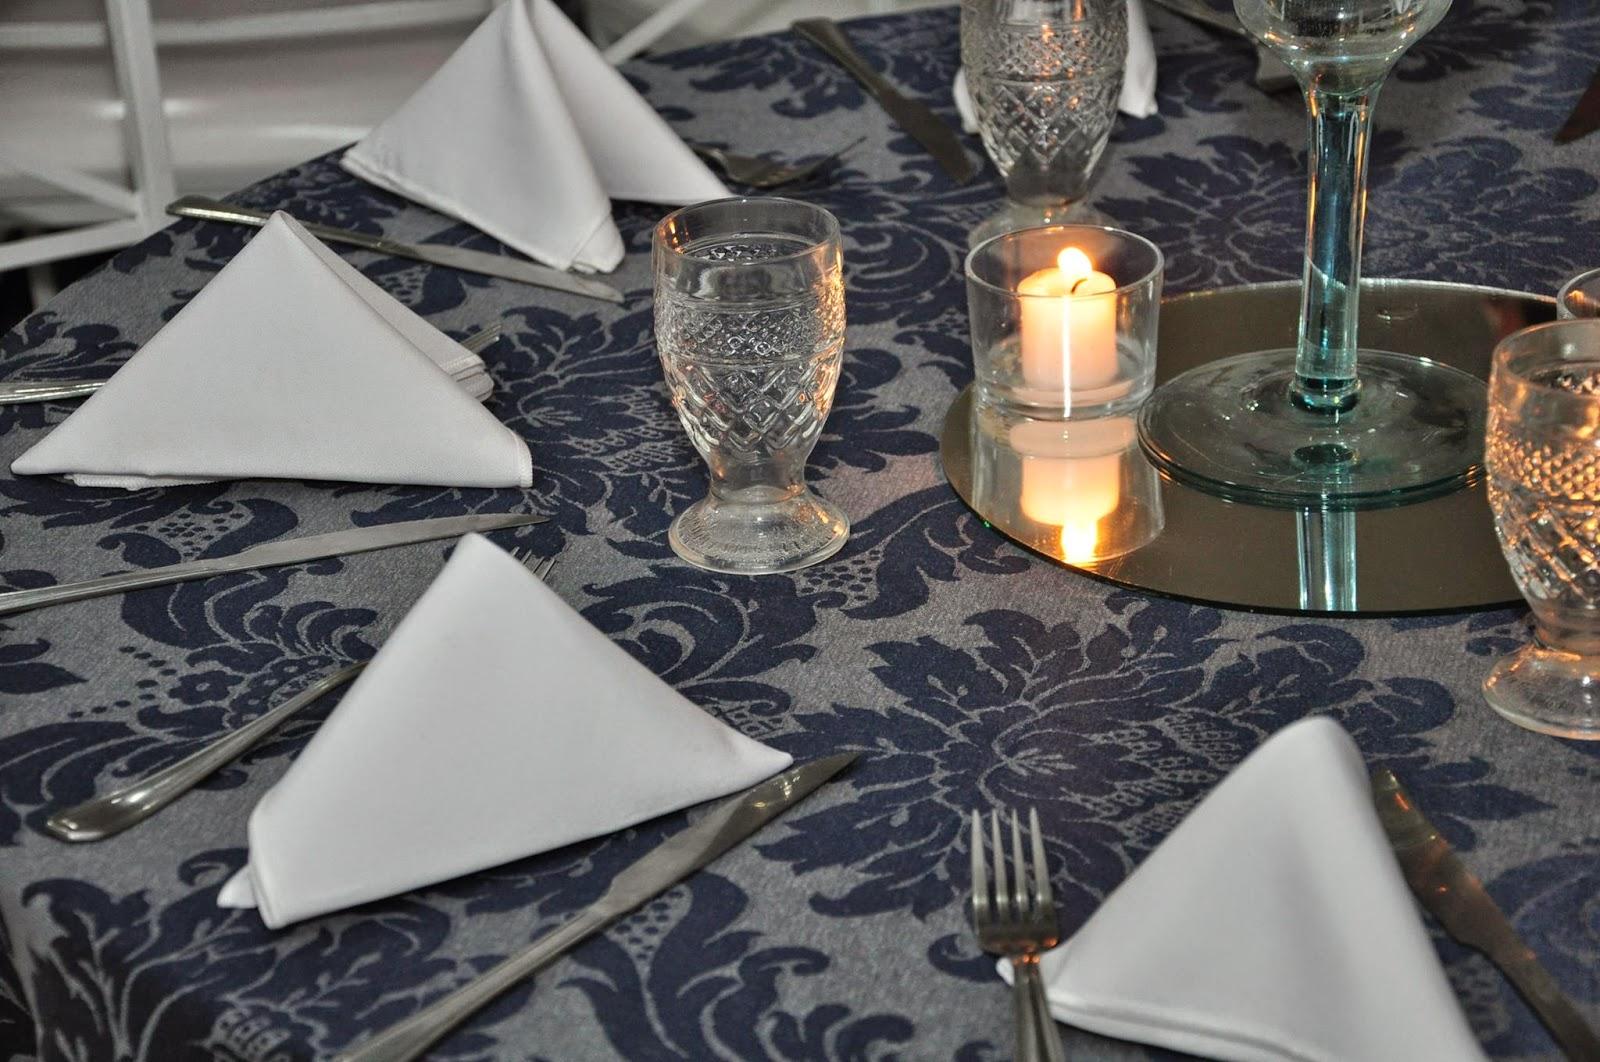 decoracao de casamento azul marinho e amarelo : decoracao de casamento azul marinho e amarelo:segunda-feira, 25 de agosto de 2014